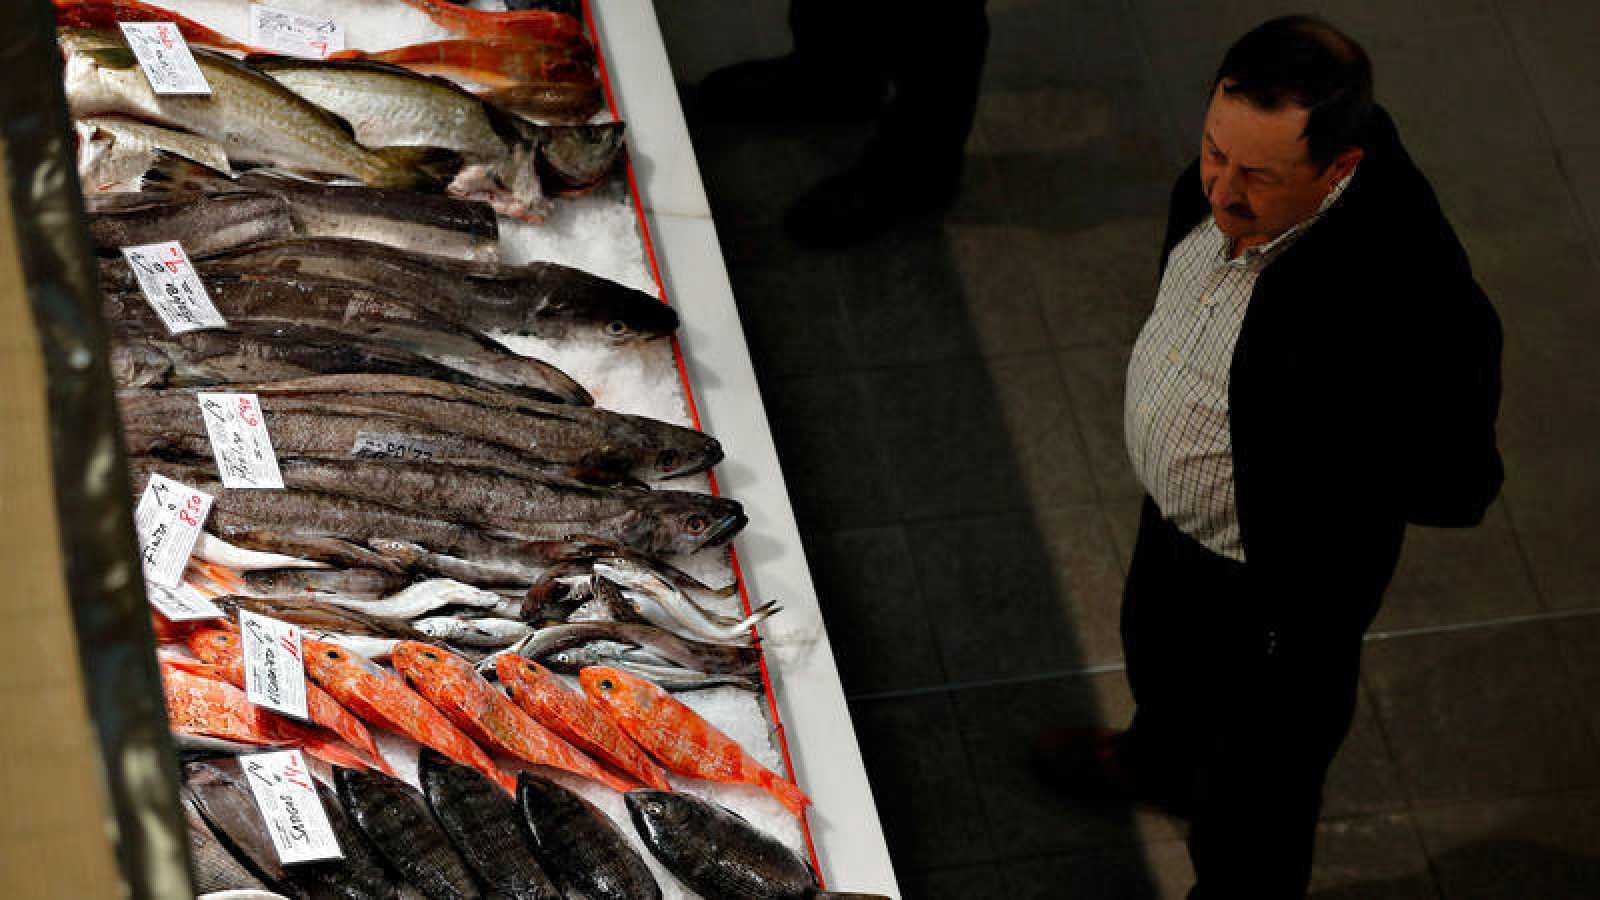 La alimentación, junto a la vivienda y el transporte, sigue acaparando buena parte del gasto de las familias españolas